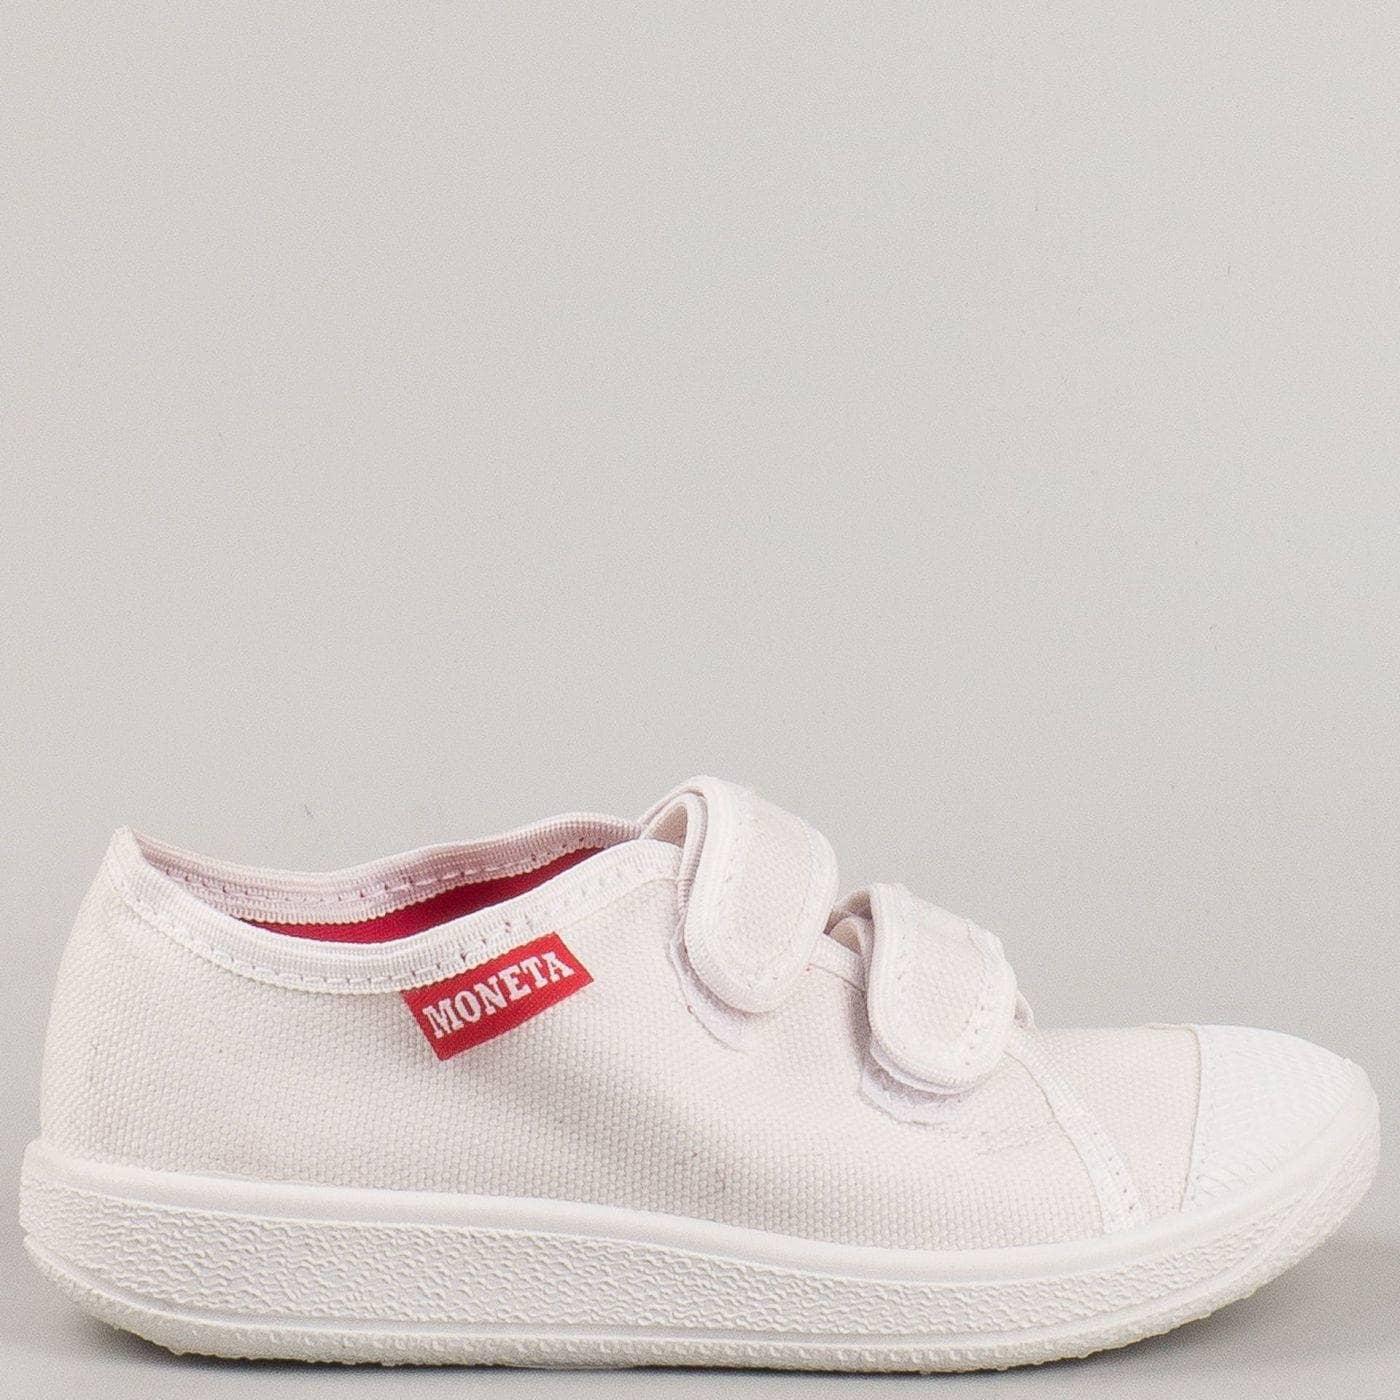 8b361af86a3 Пролетно летни детски обувки с две велкро лепенки на водещ български  производител в бяло u062b